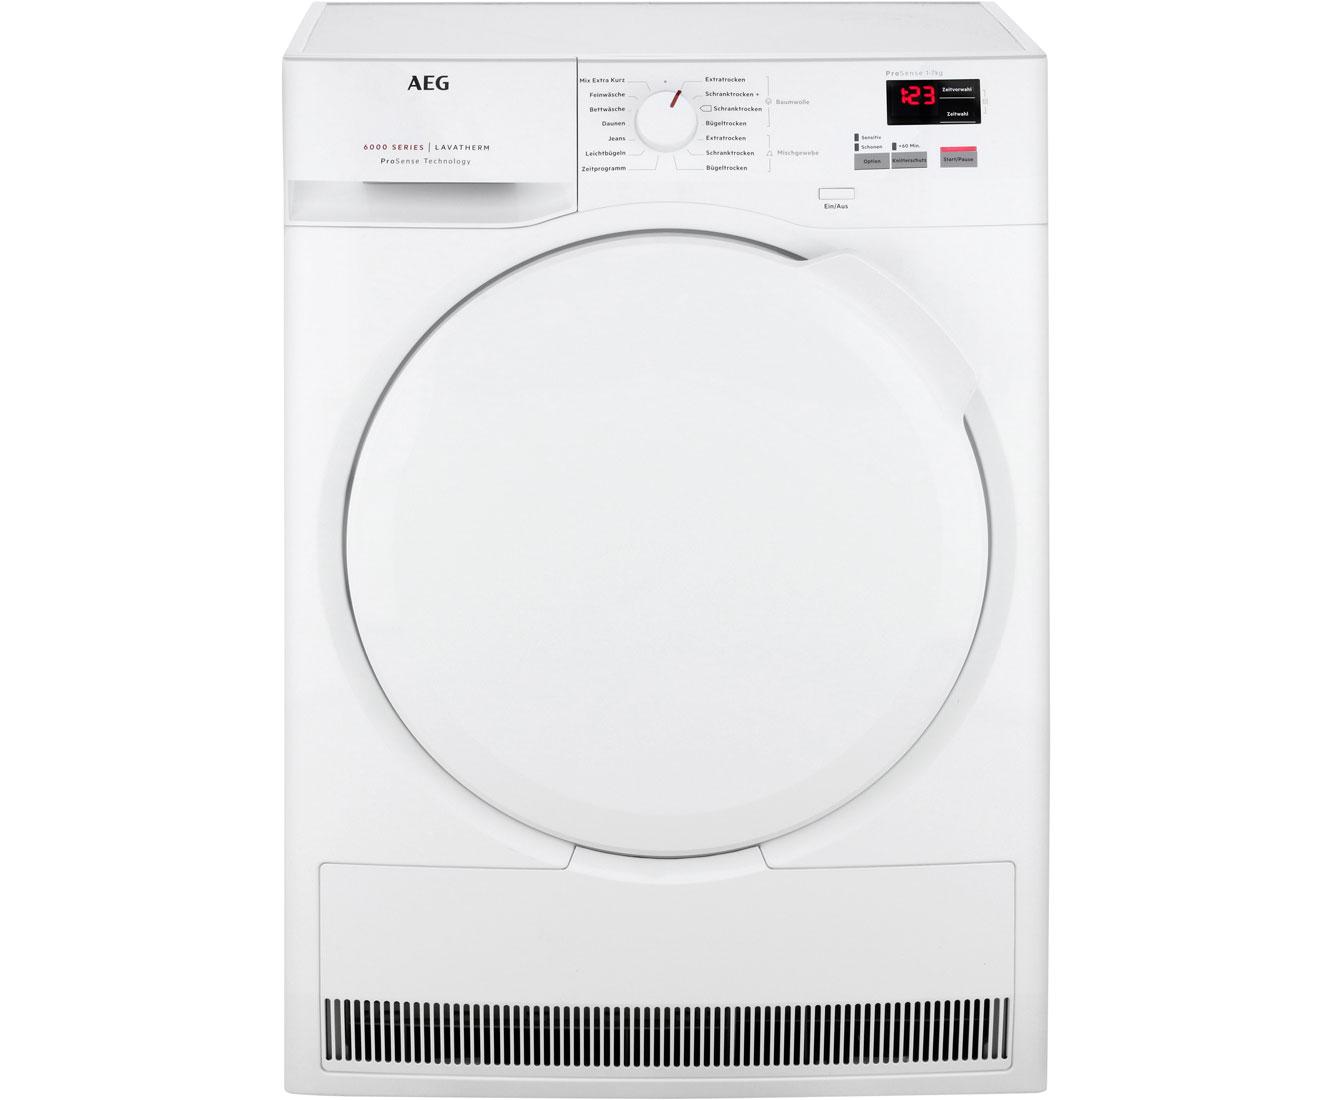 Aeg t6db40370 kondenstrockner 7 kg weiß